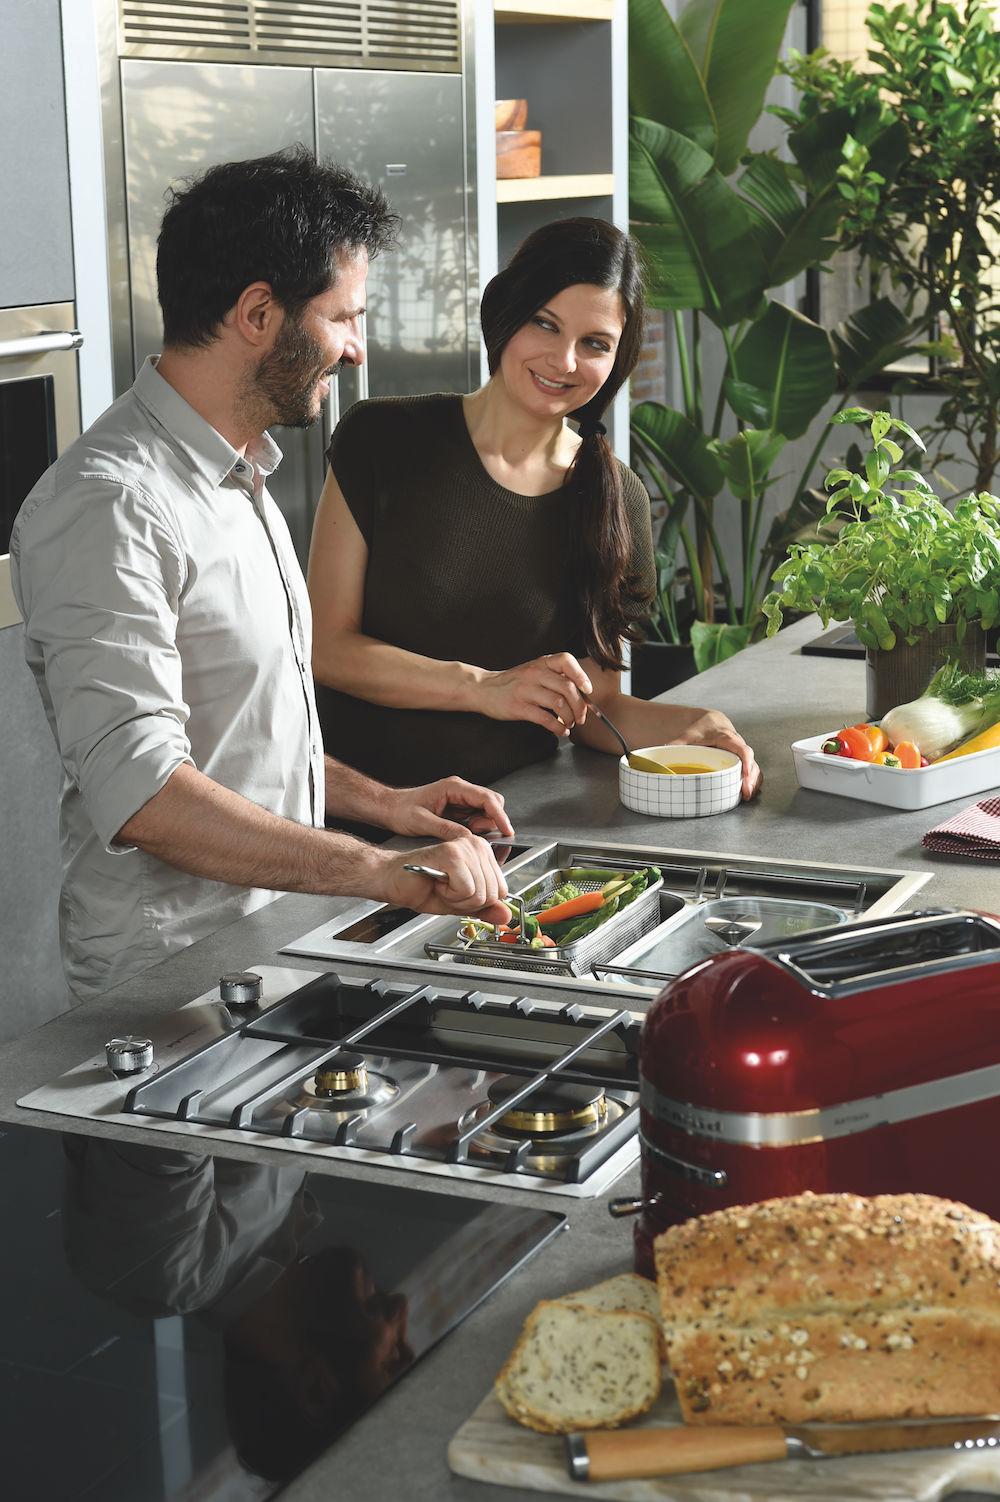 De nieuwe kookmodule voor de keuken van KitchenAid naast KitchenAid gaskookplaat - Chef Sign om te koken, roosteren, bakken, frituren en stomen